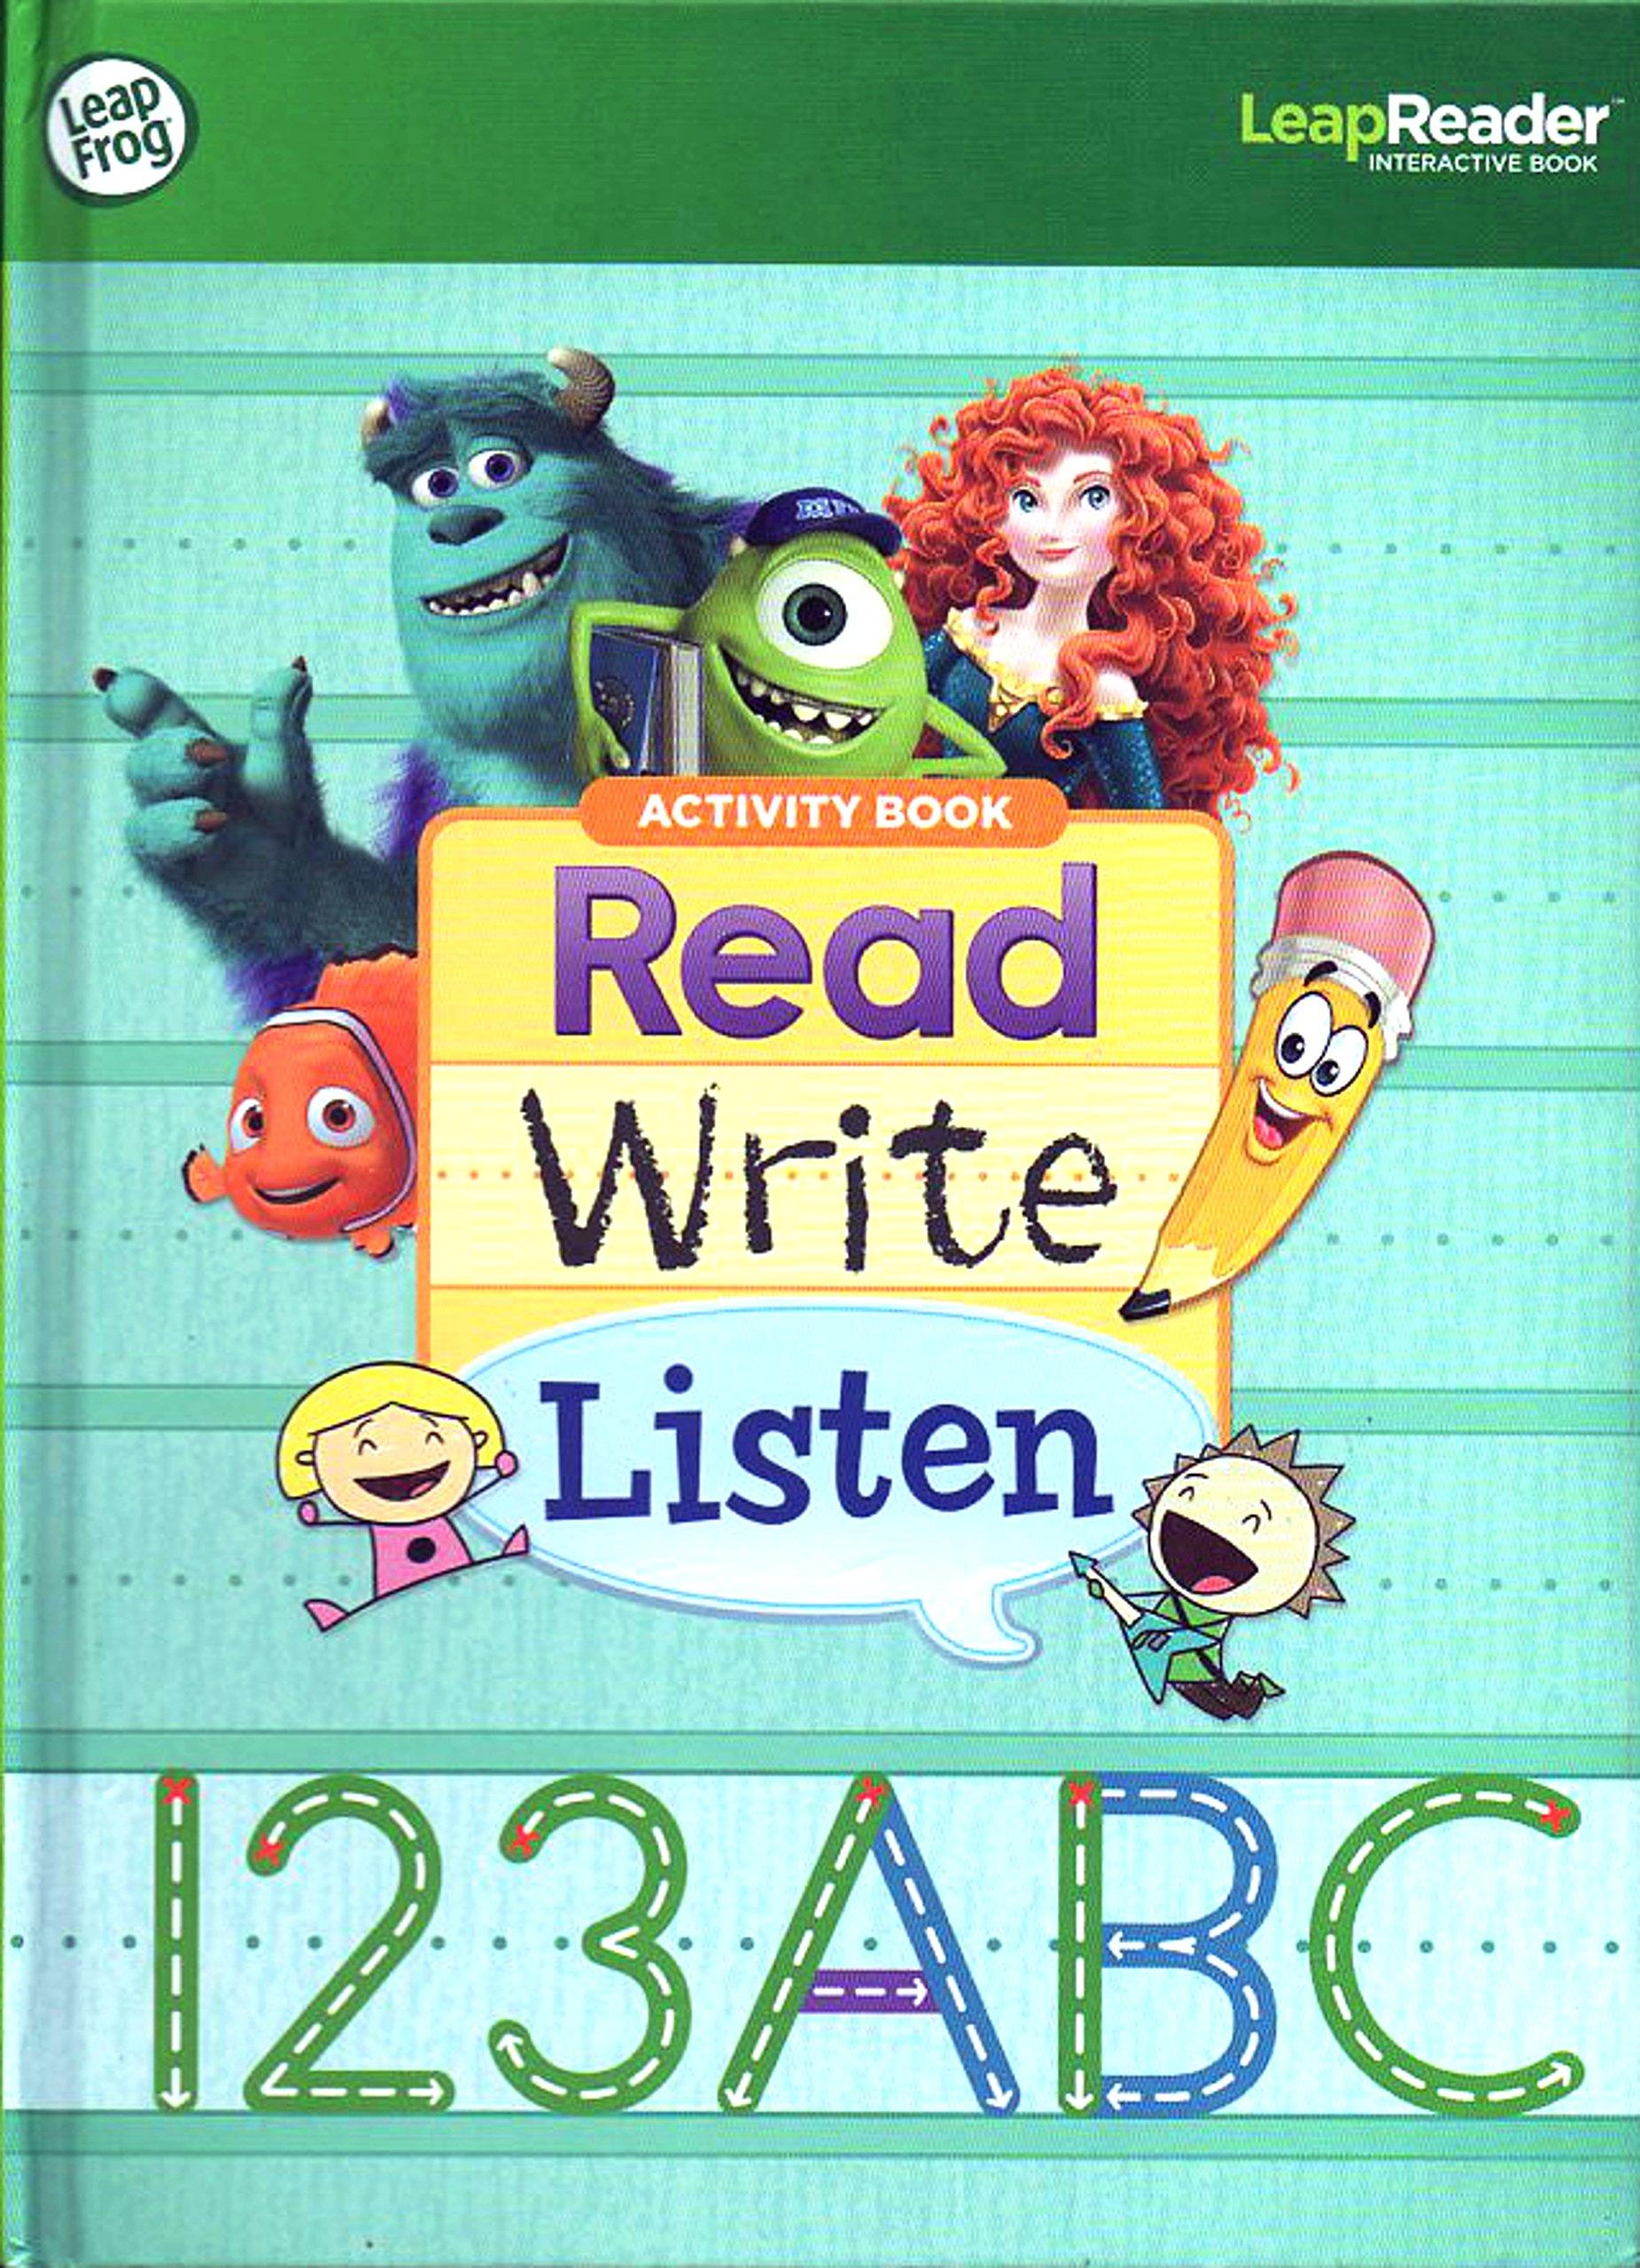 LeapFrog Tag Pen LeapReader book — LET'S PLAY TAG! Sampler Version 1